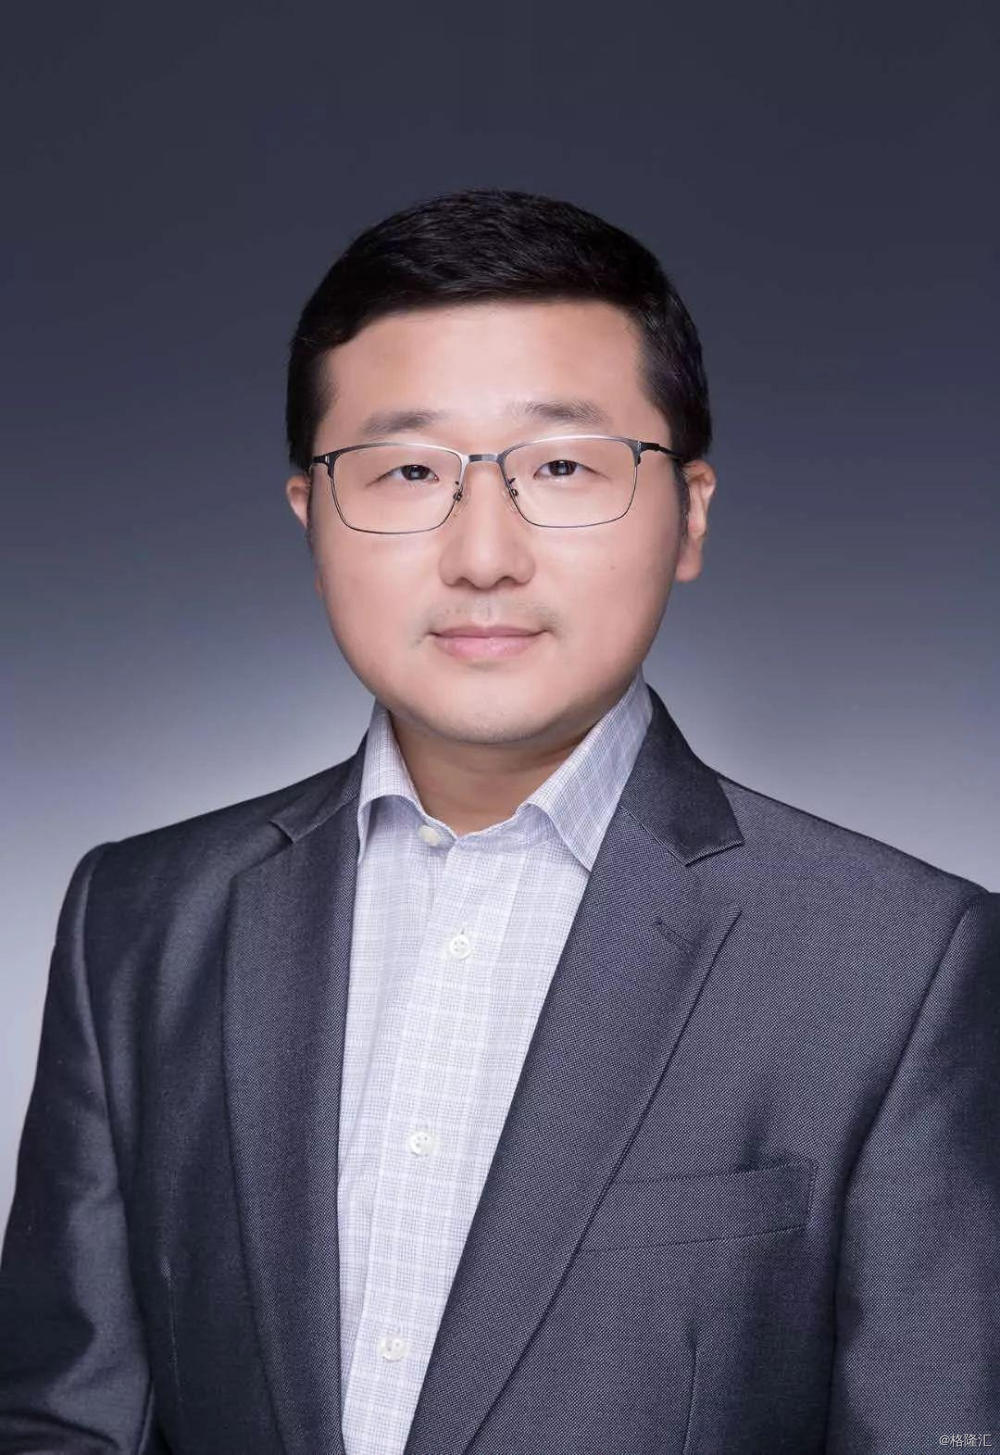 刘冉:2019年体育创业投资逻辑的再思考